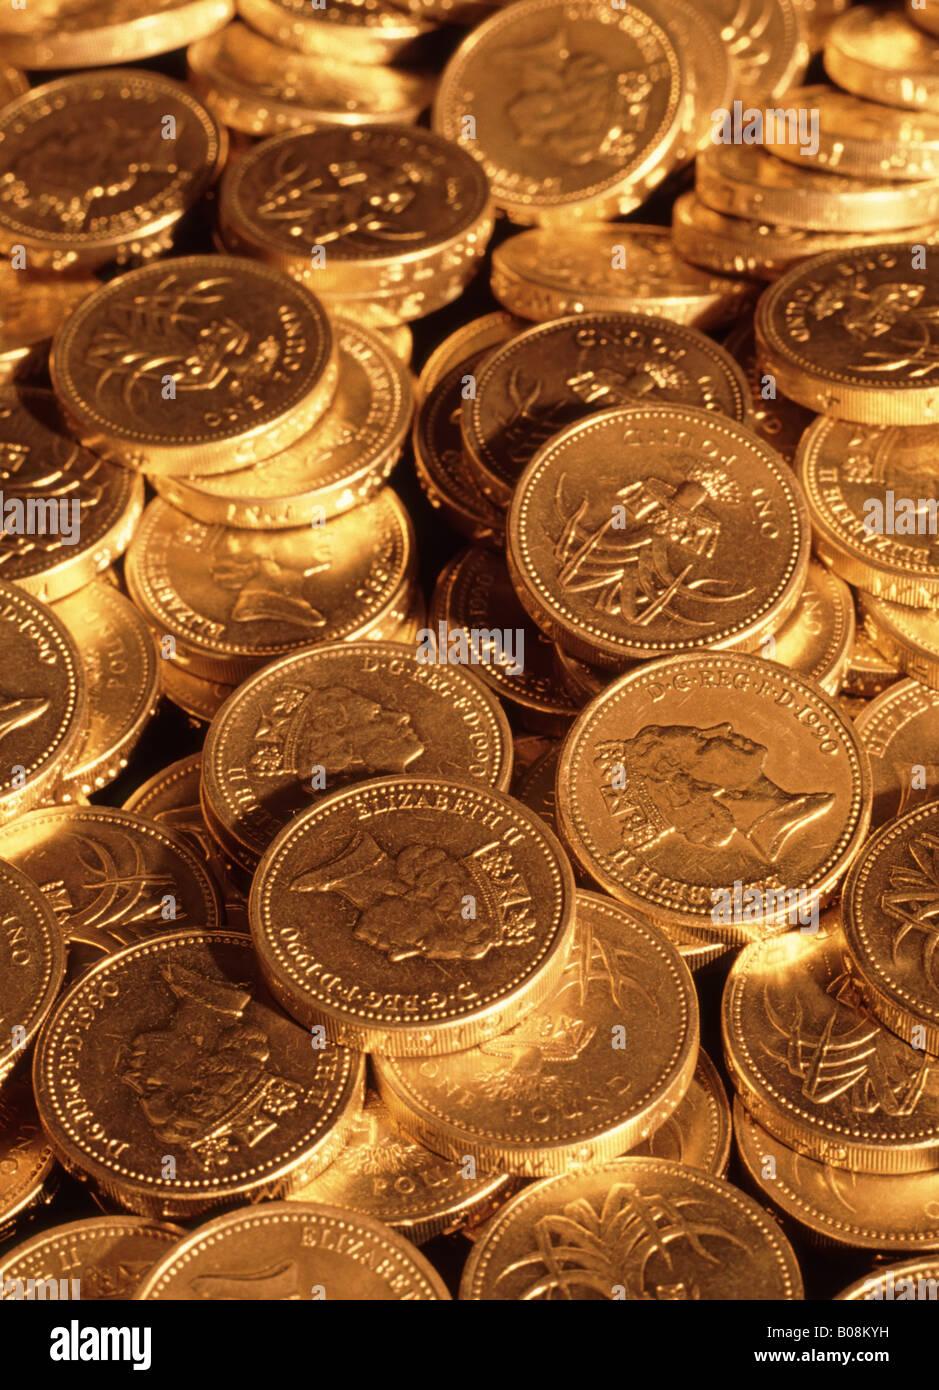 Livre sterling sous l'éclairage des pièces d'or (cours légal en Angleterre Ecosse Pays de Photo Stock